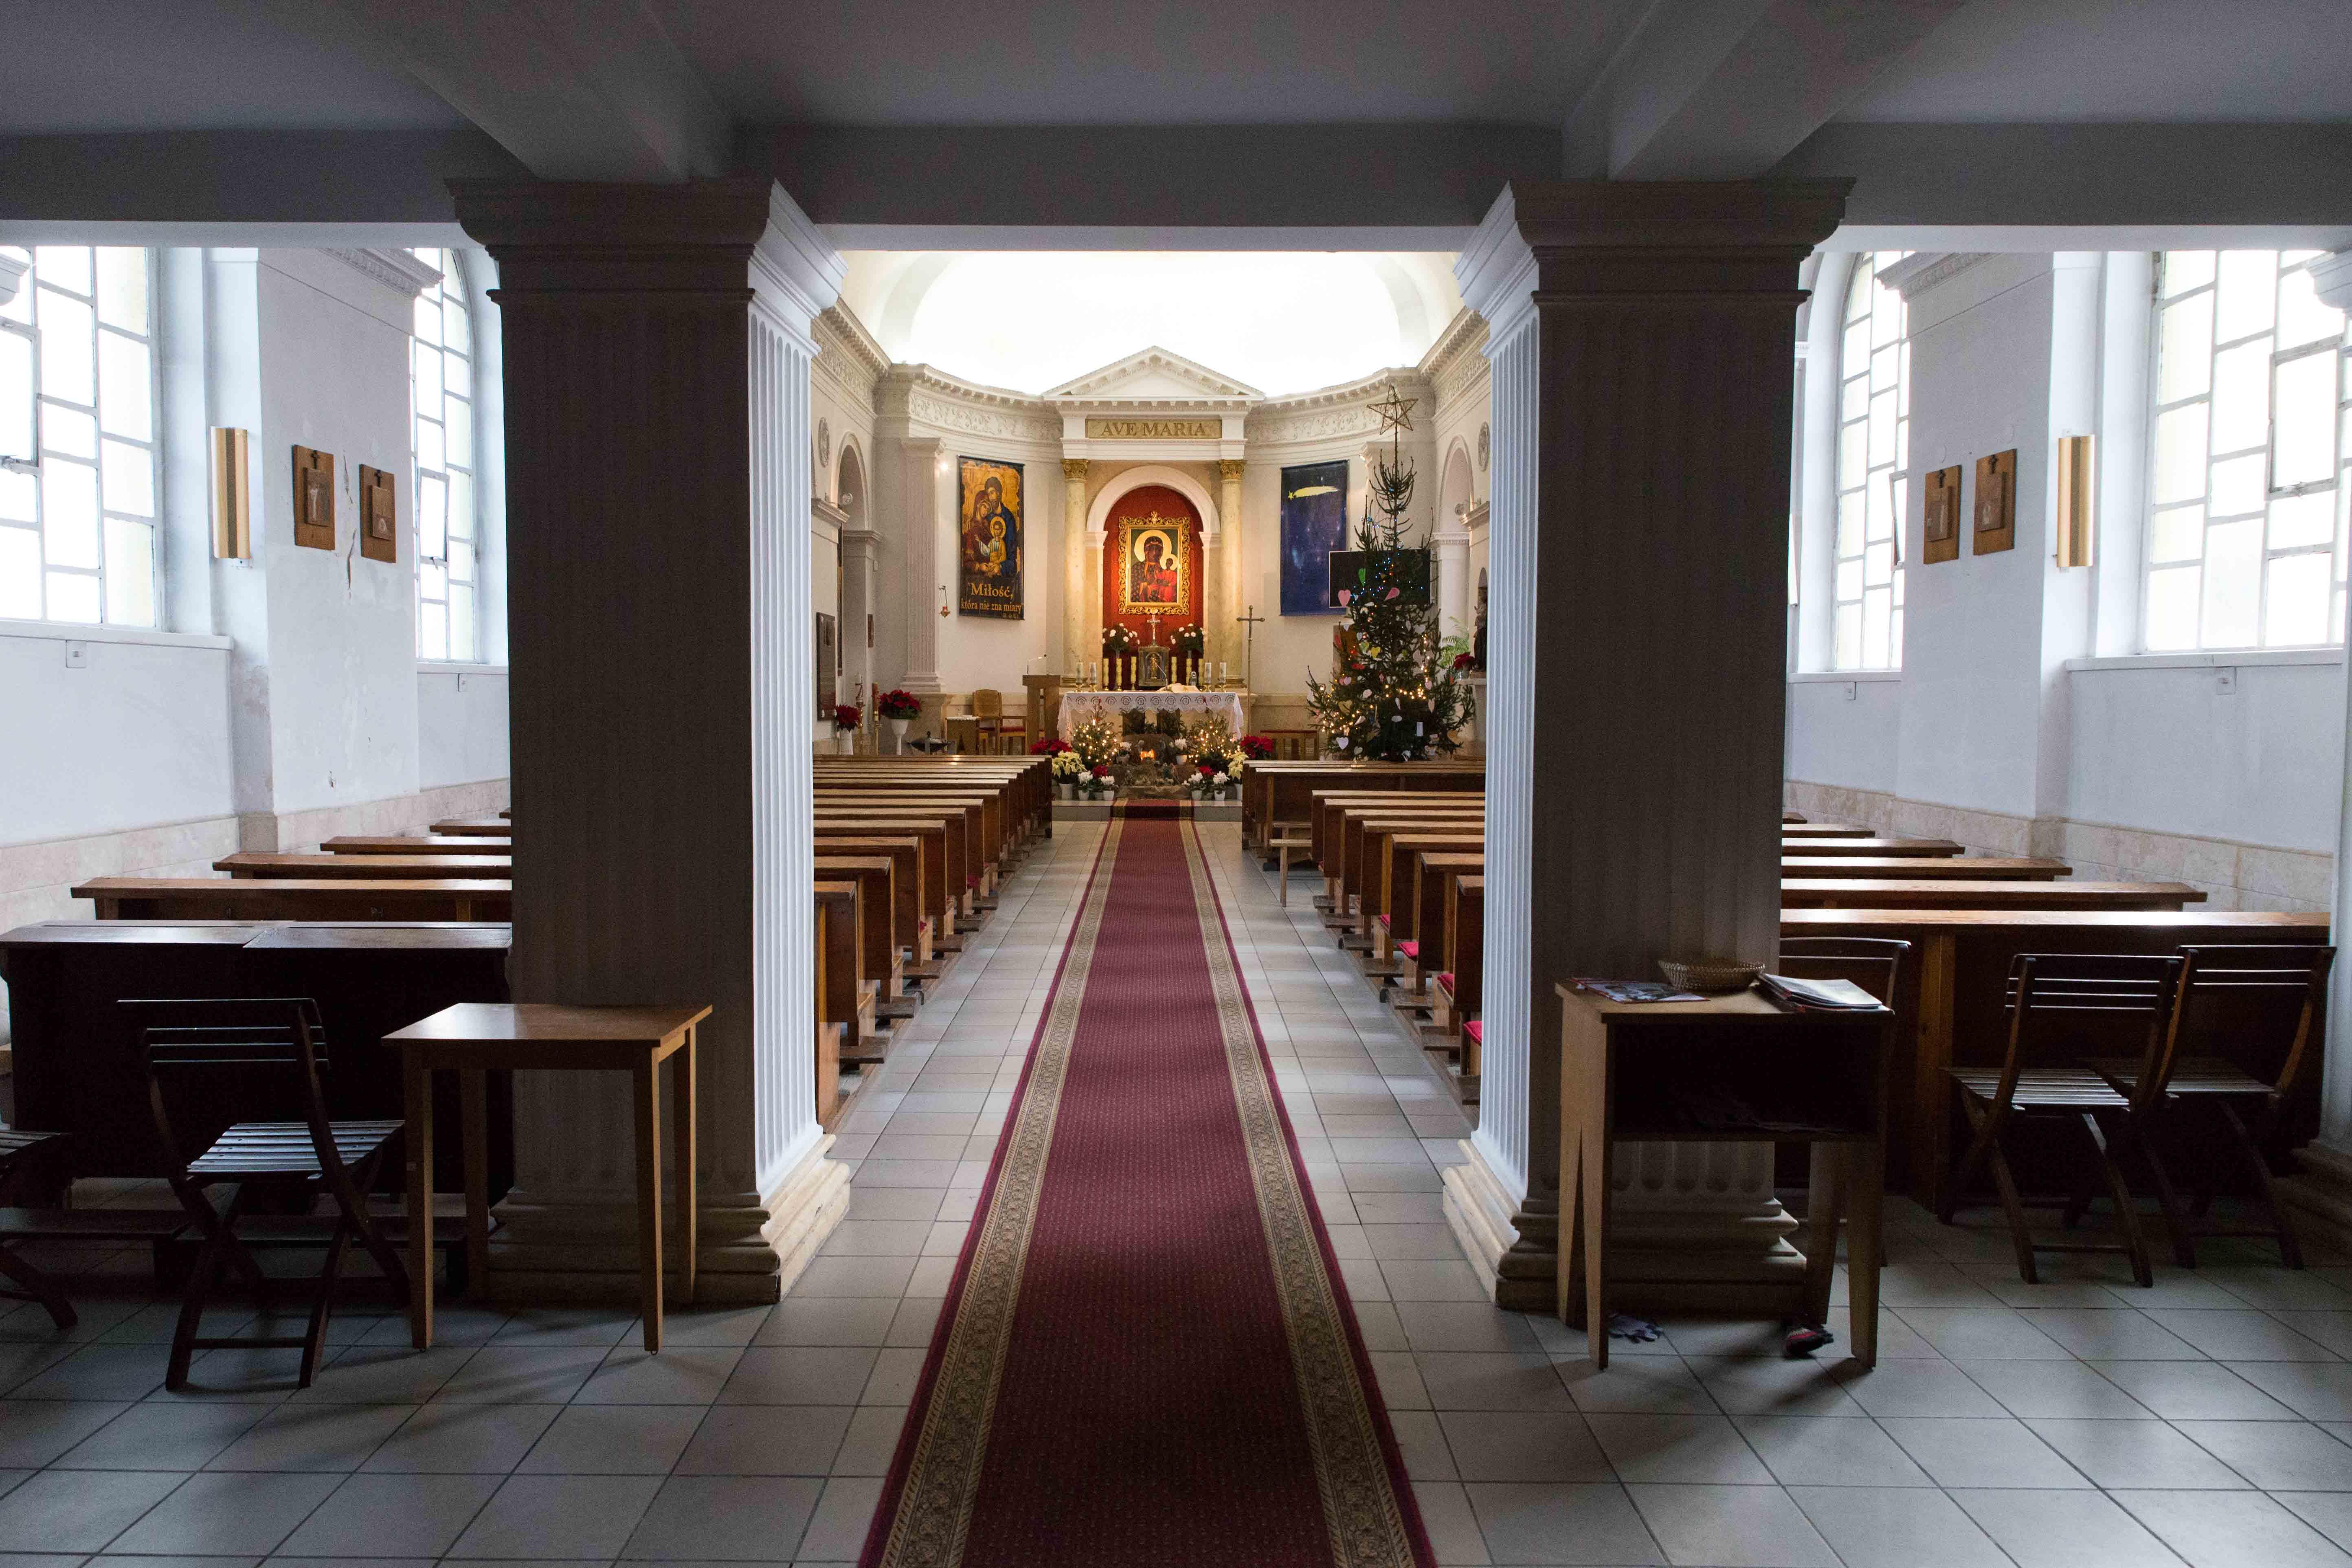 Kosciol Najswietszej Maryi Panny Czestochowskiej we Wroclawiu male (8)